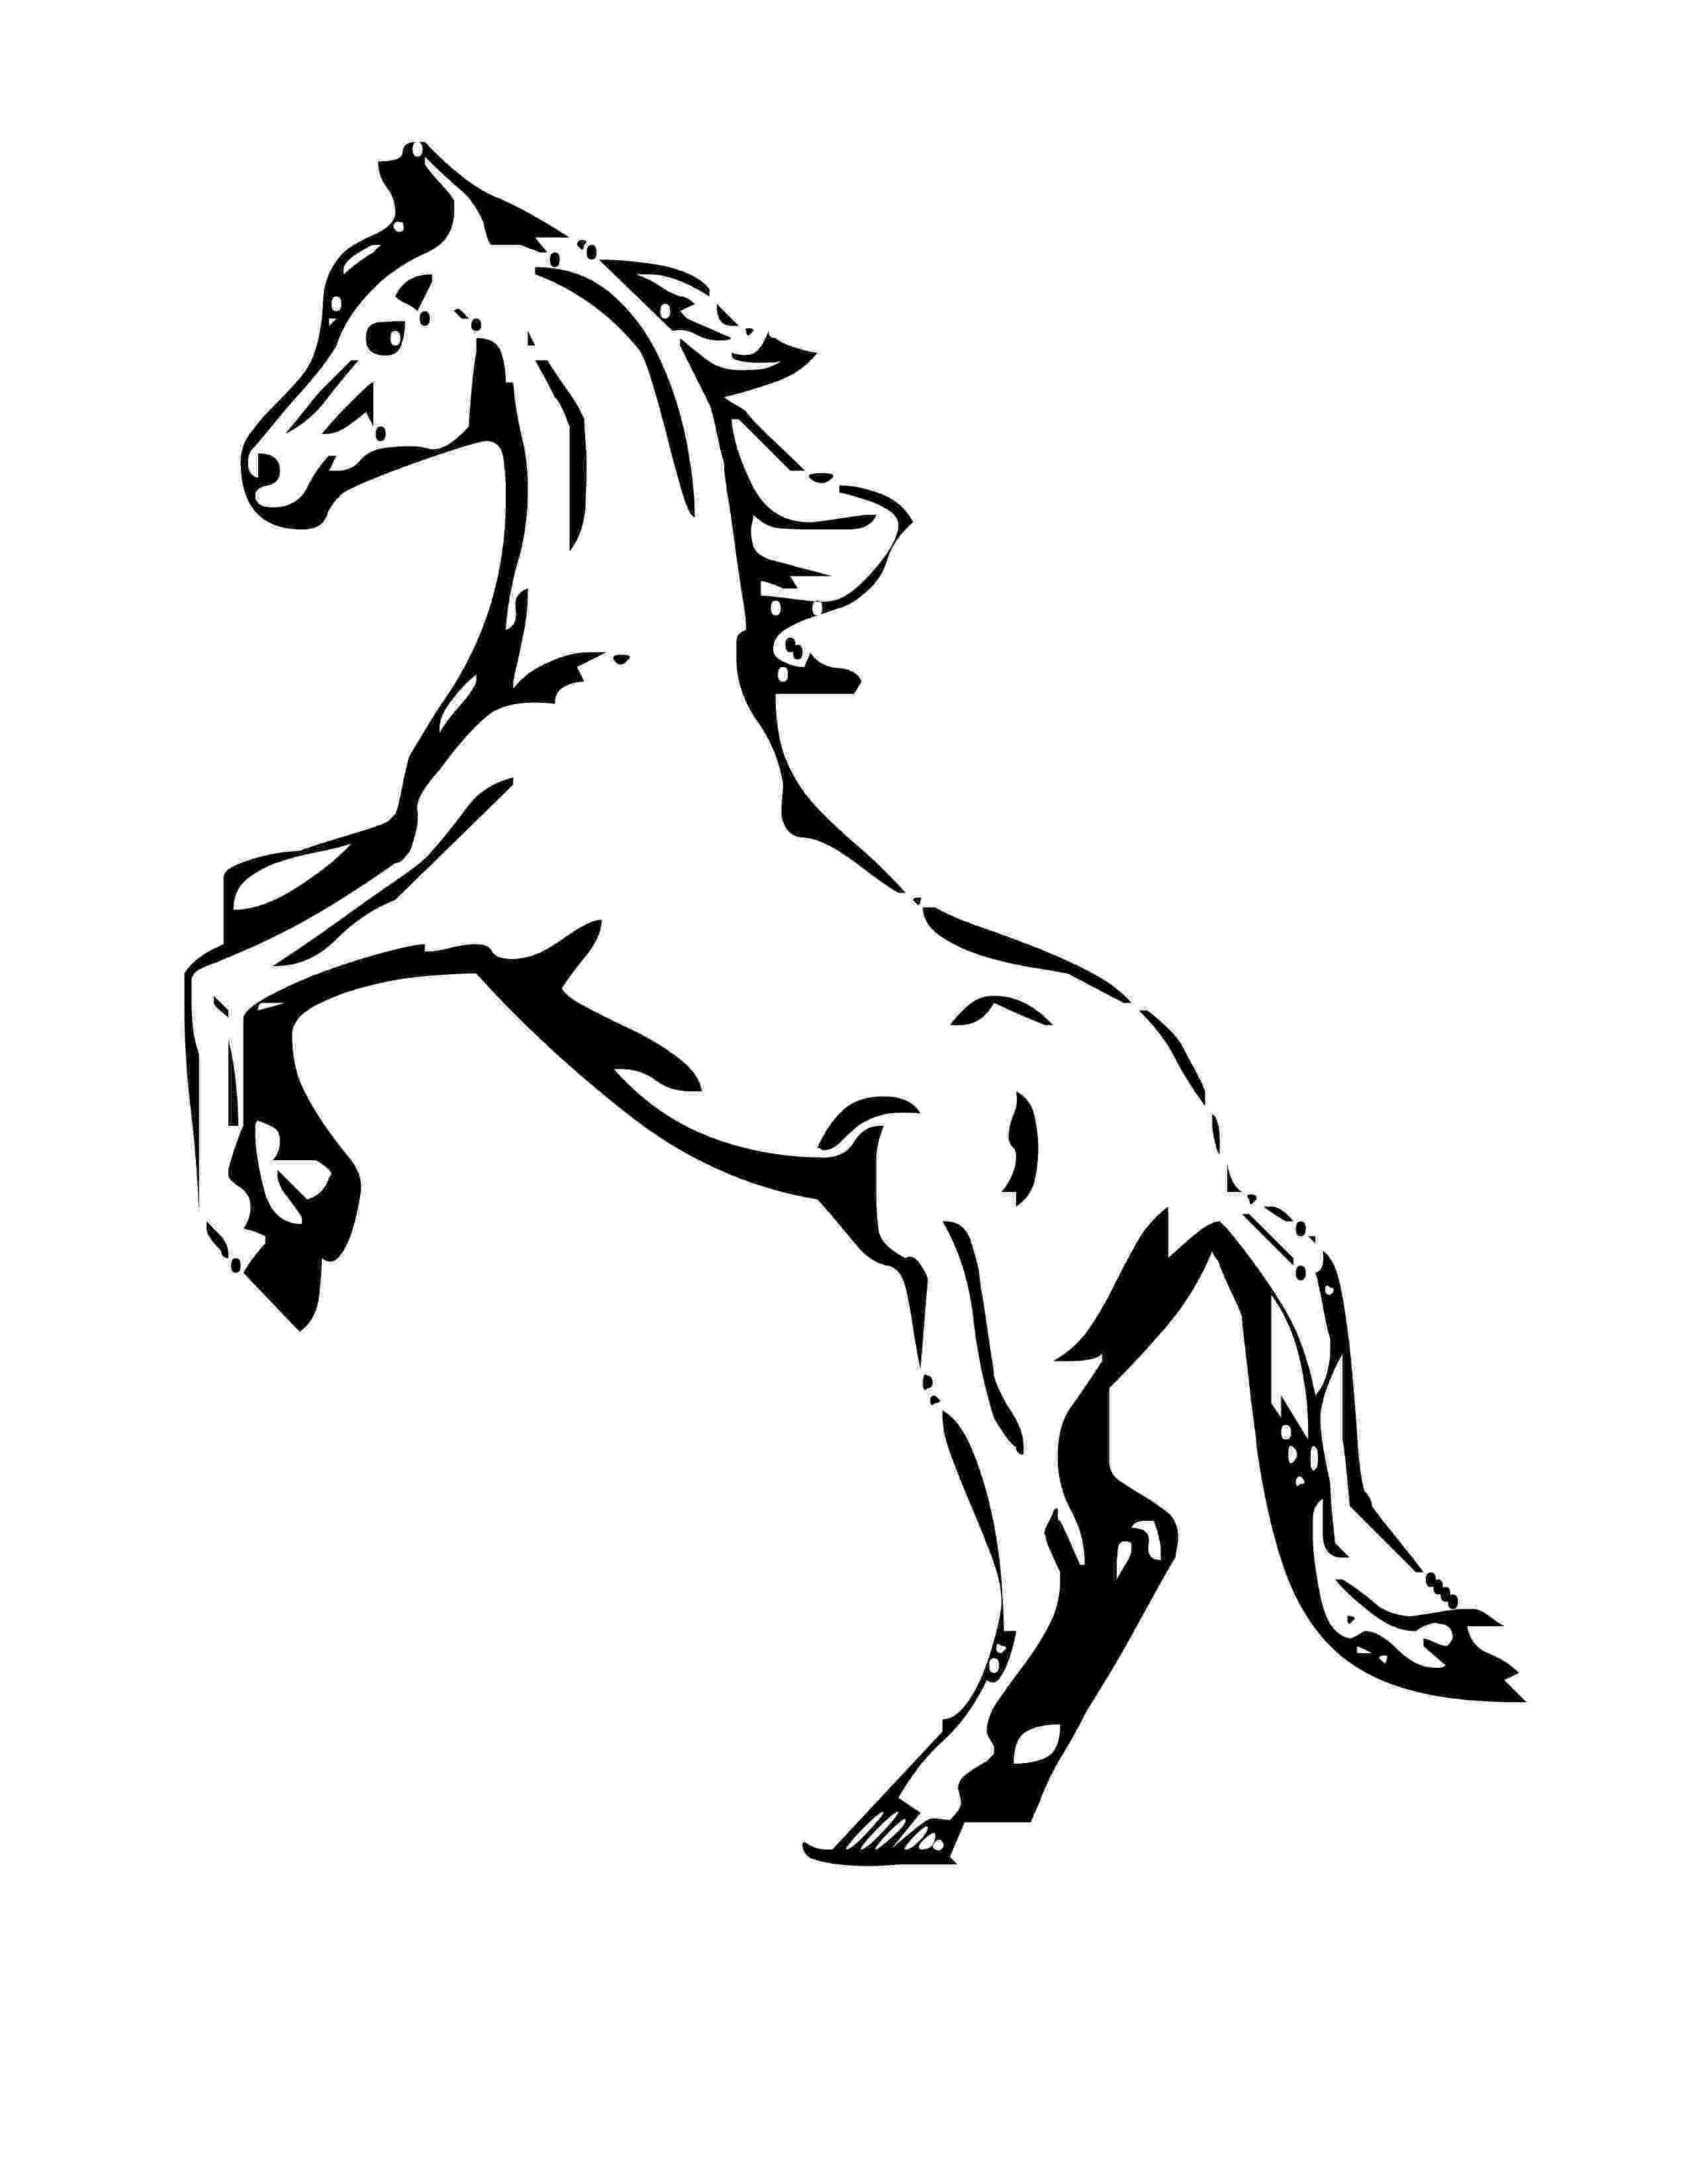 picture of horses to color disegno di cavallo in corsa da colorare disegni da picture of to color horses